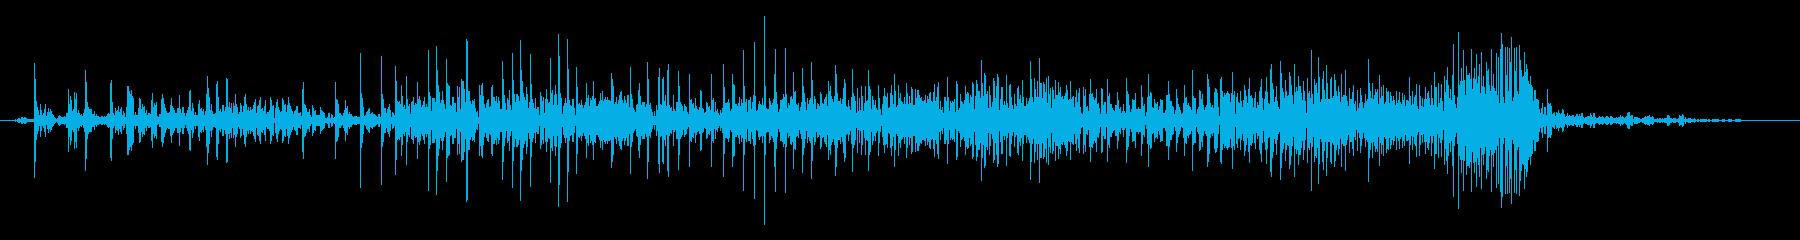 じー ジッパー チャック ファスナーの音の再生済みの波形